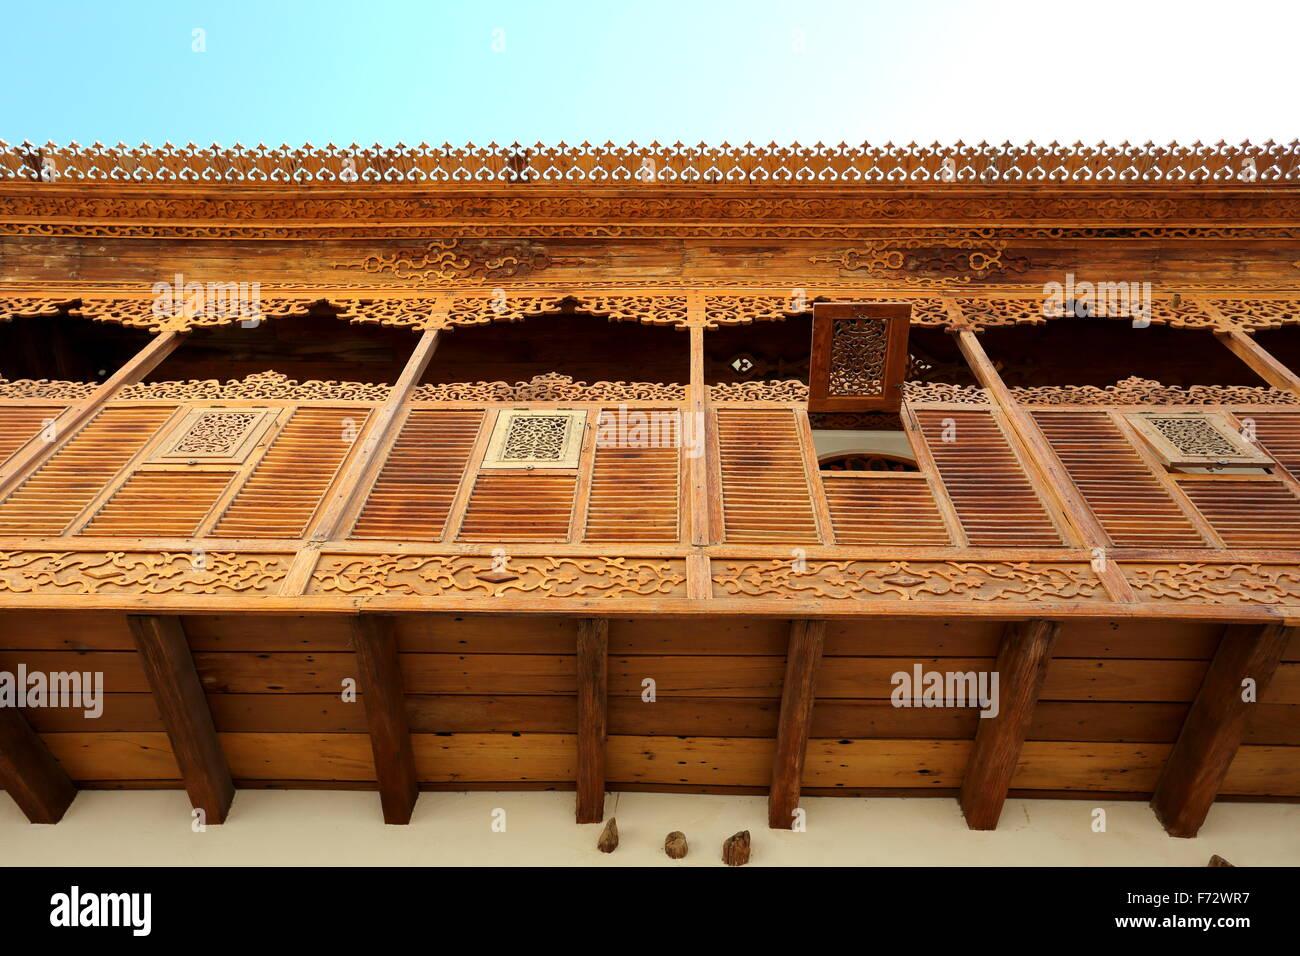 Covered wooden balcony, Khalaf House, Manama, Kingdom of Bahrain - Stock Image